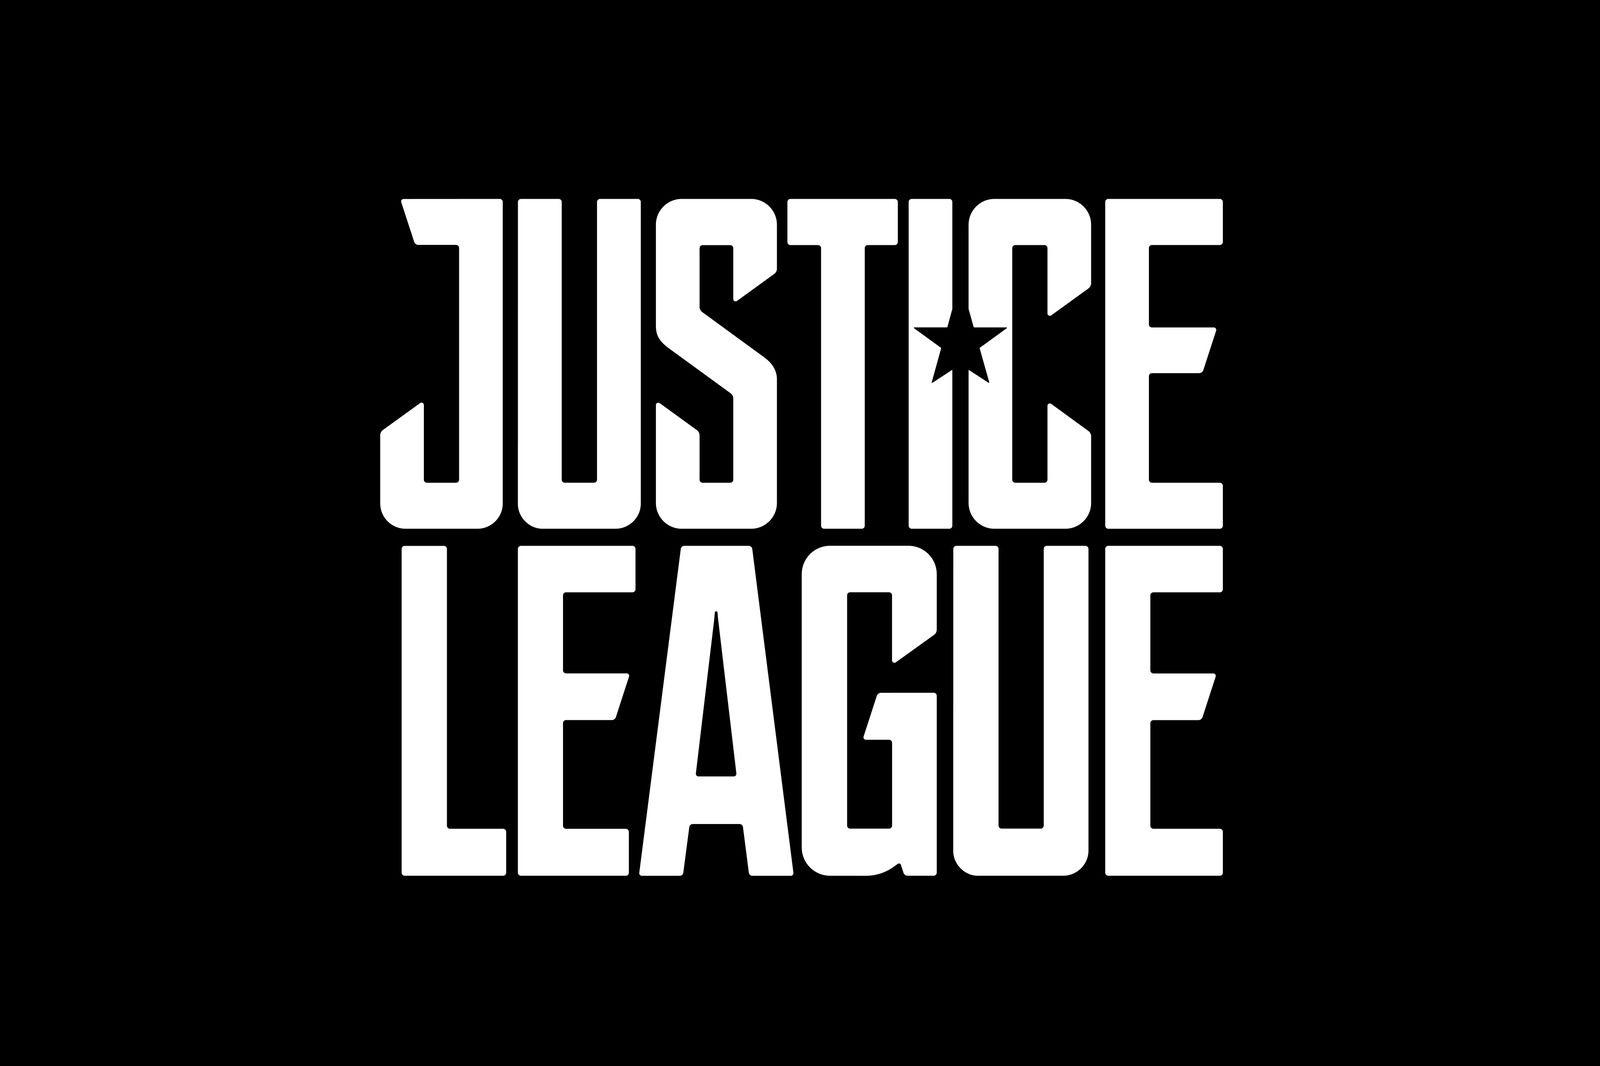 justice league logo ile ilgili görsel sonucu